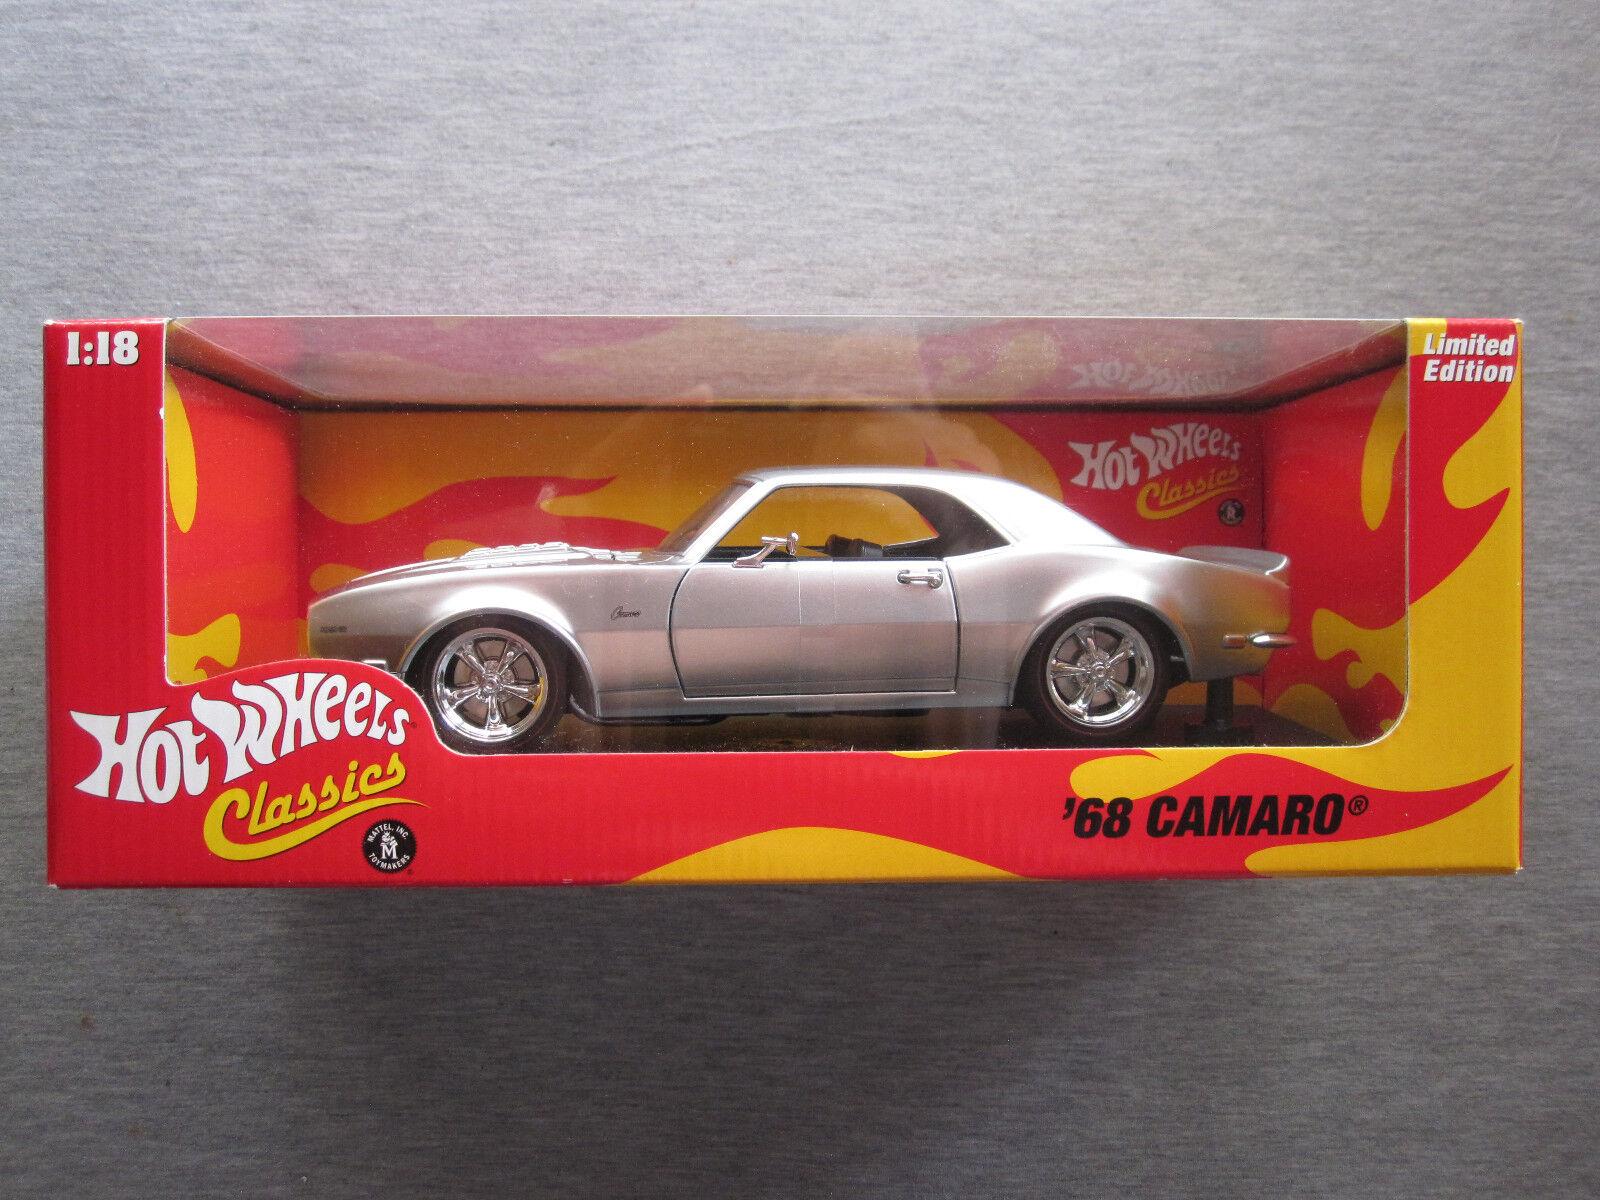 Hot Wheels Classics 1 18 HWC Edición Limitada'68 Camaro H8763-Nuevo